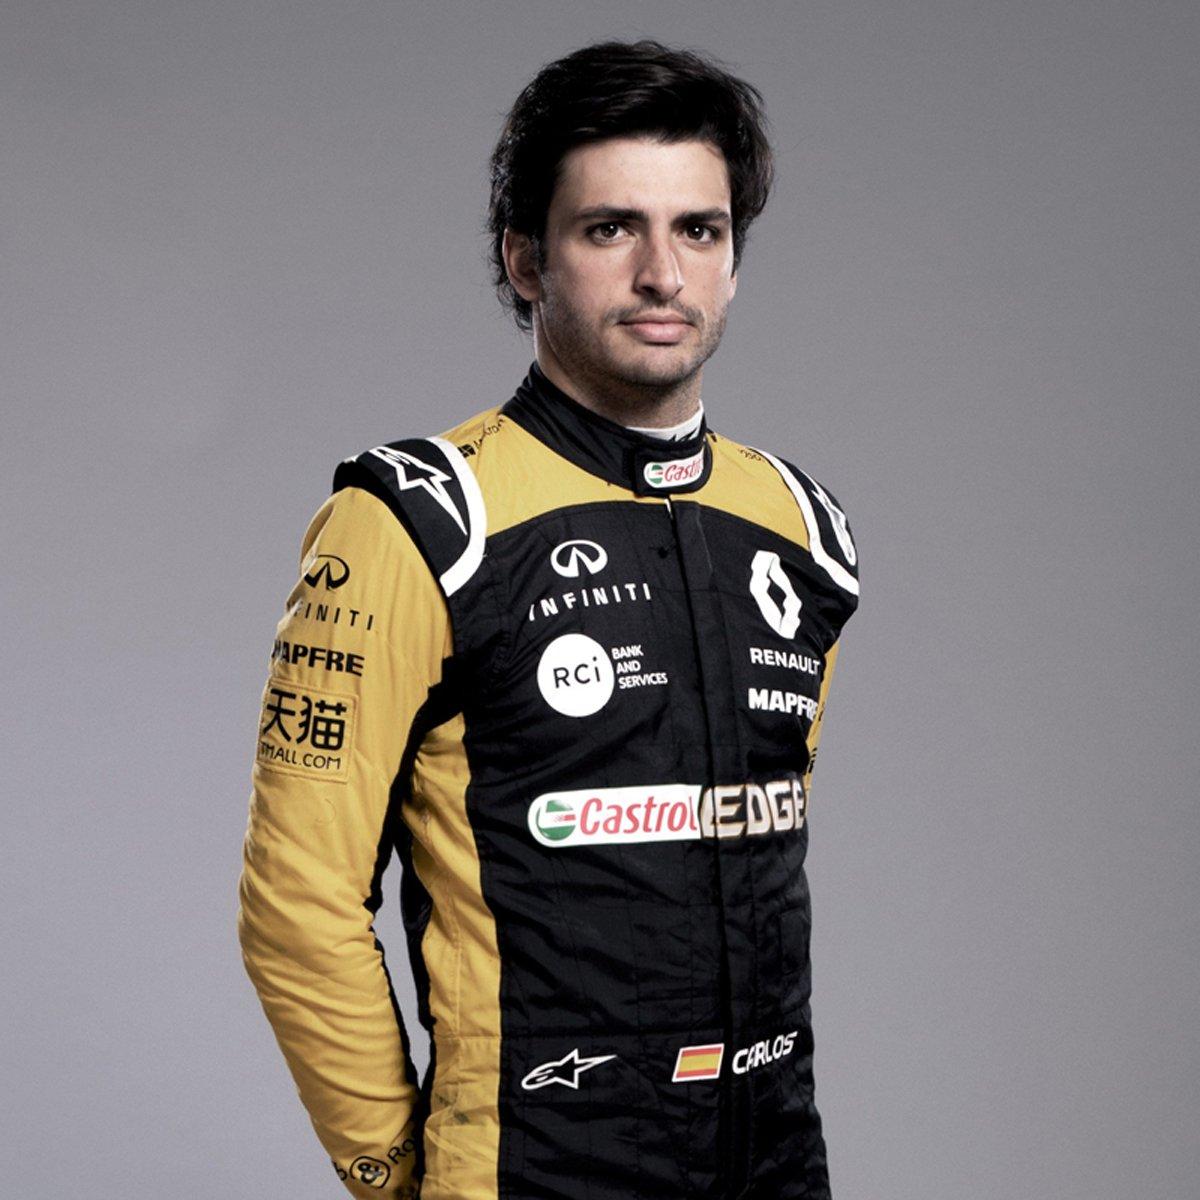 カルロス・サインツ(ルノー):2018年 F1レーシングスーツ